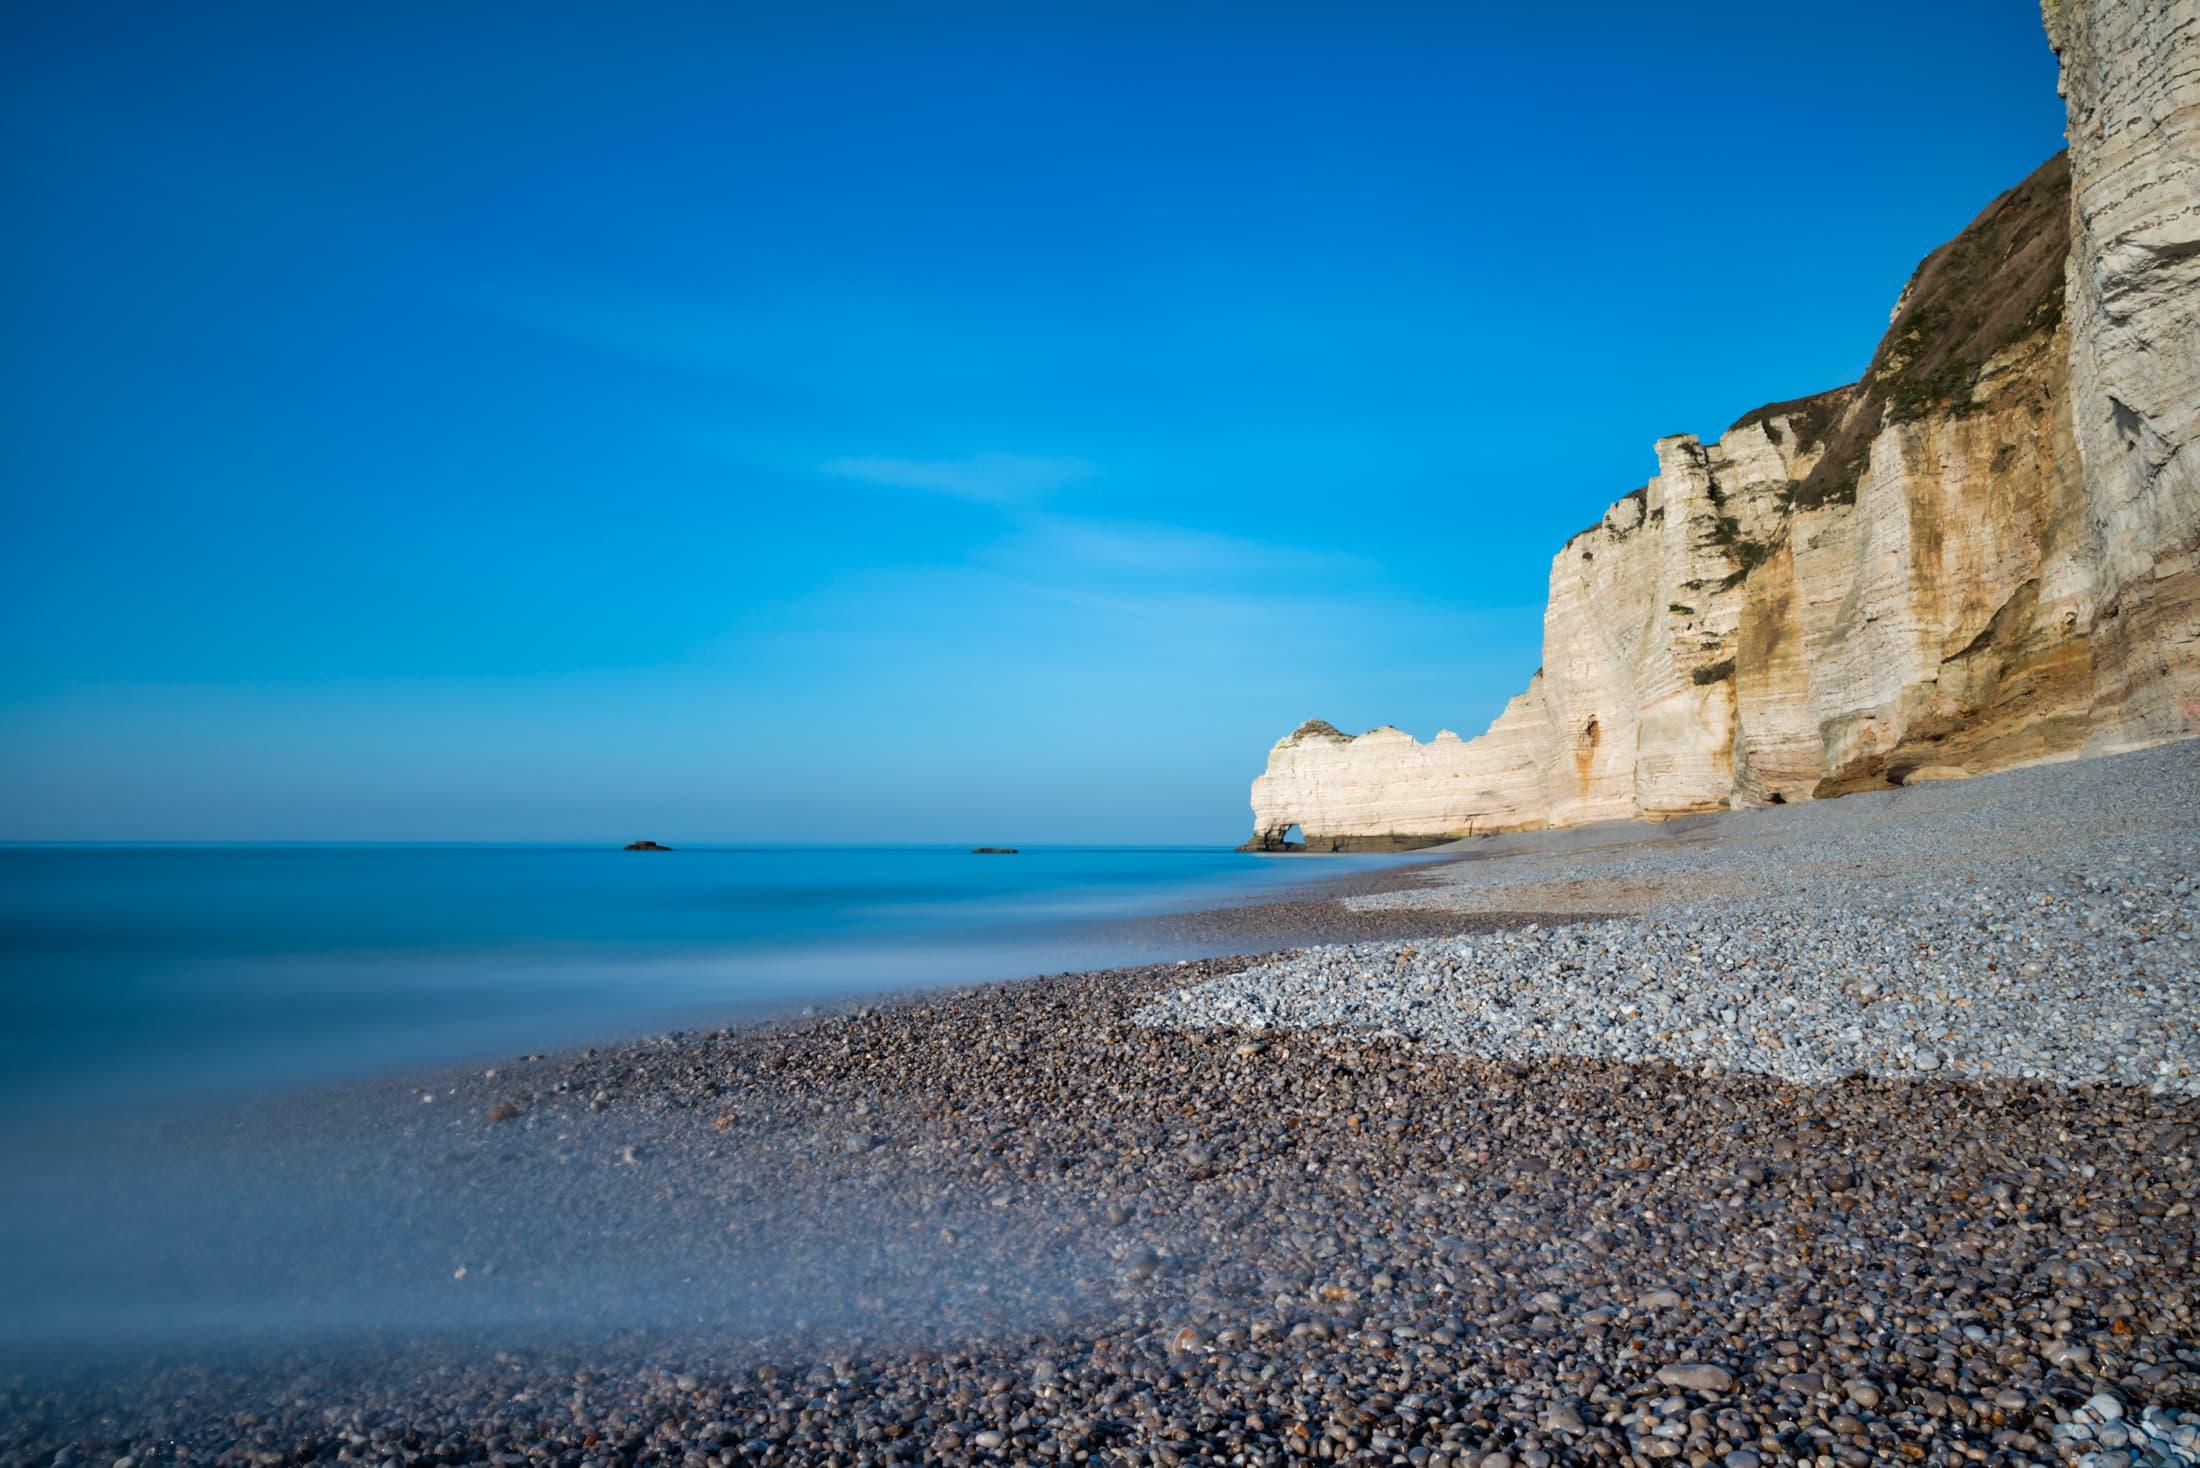 De stranden van Normandië